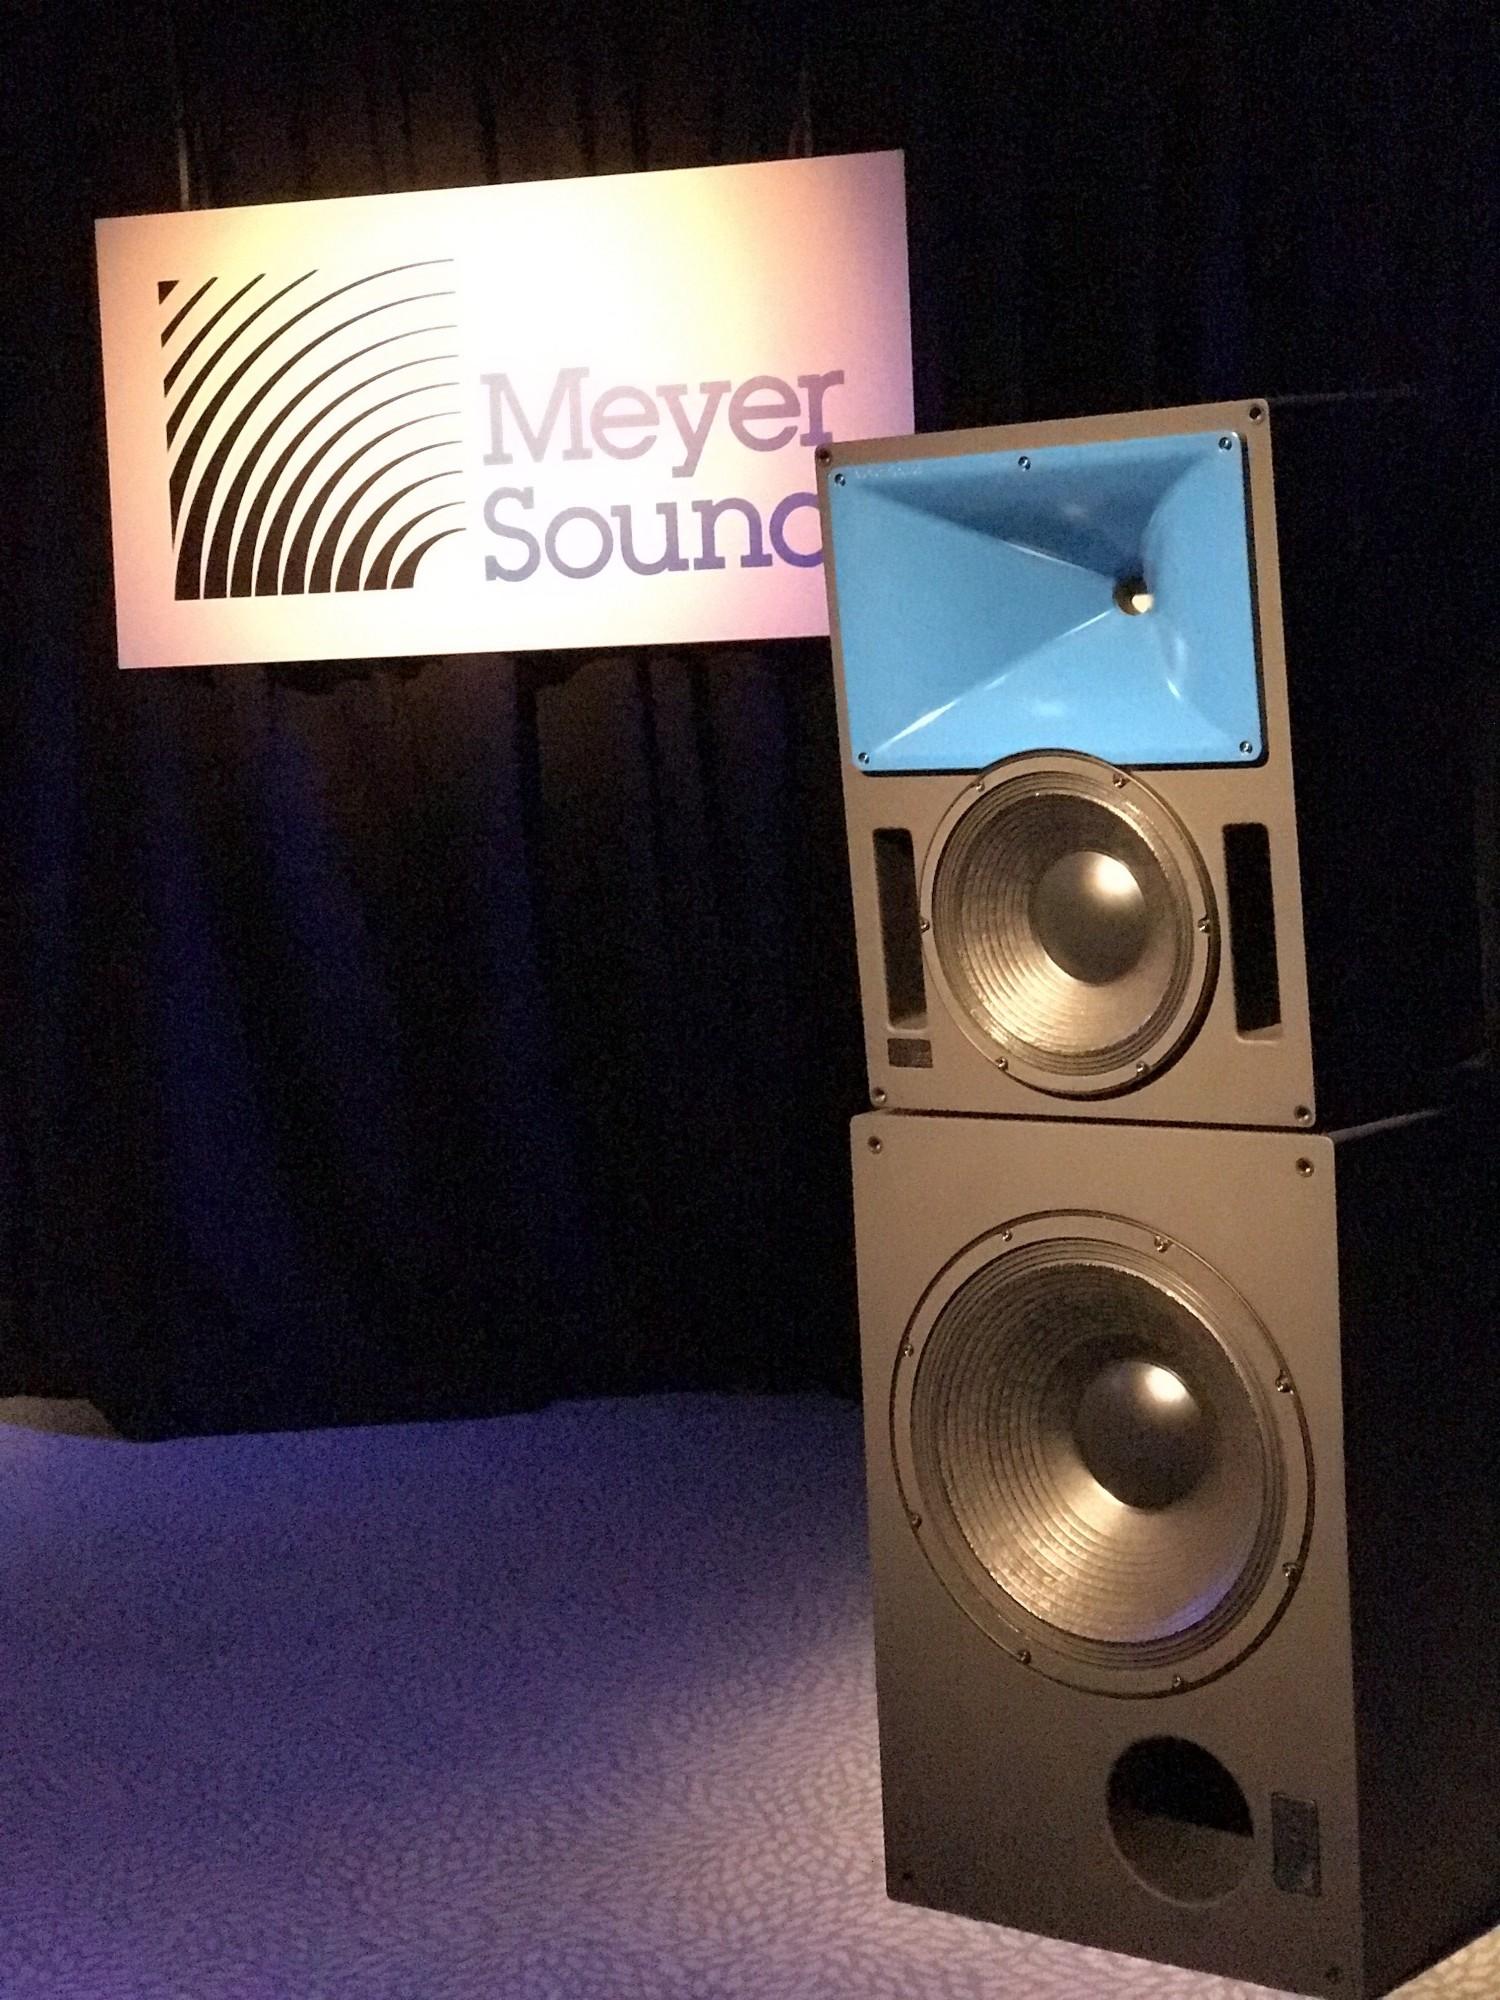 Système audiophile Meyer Sound Blue Sound